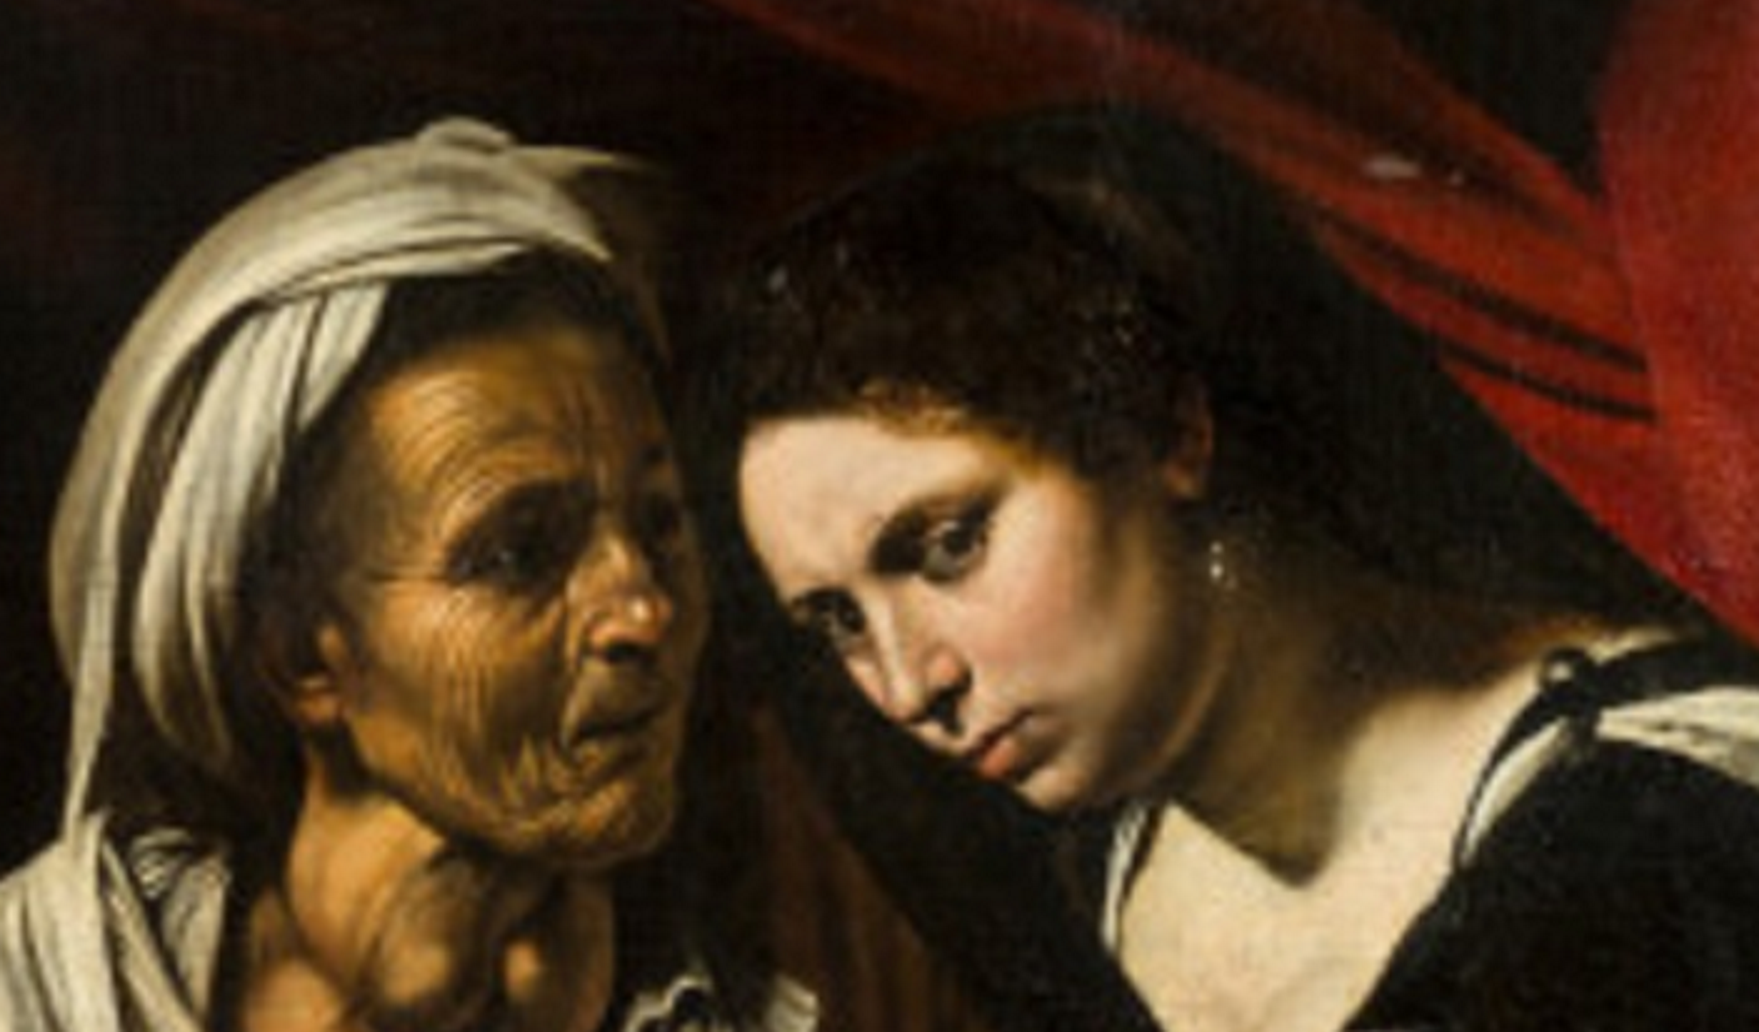 Un particolare della Giuditta che decapita Oloferne, l'opera attribuita a Caravaggio a Tolosa